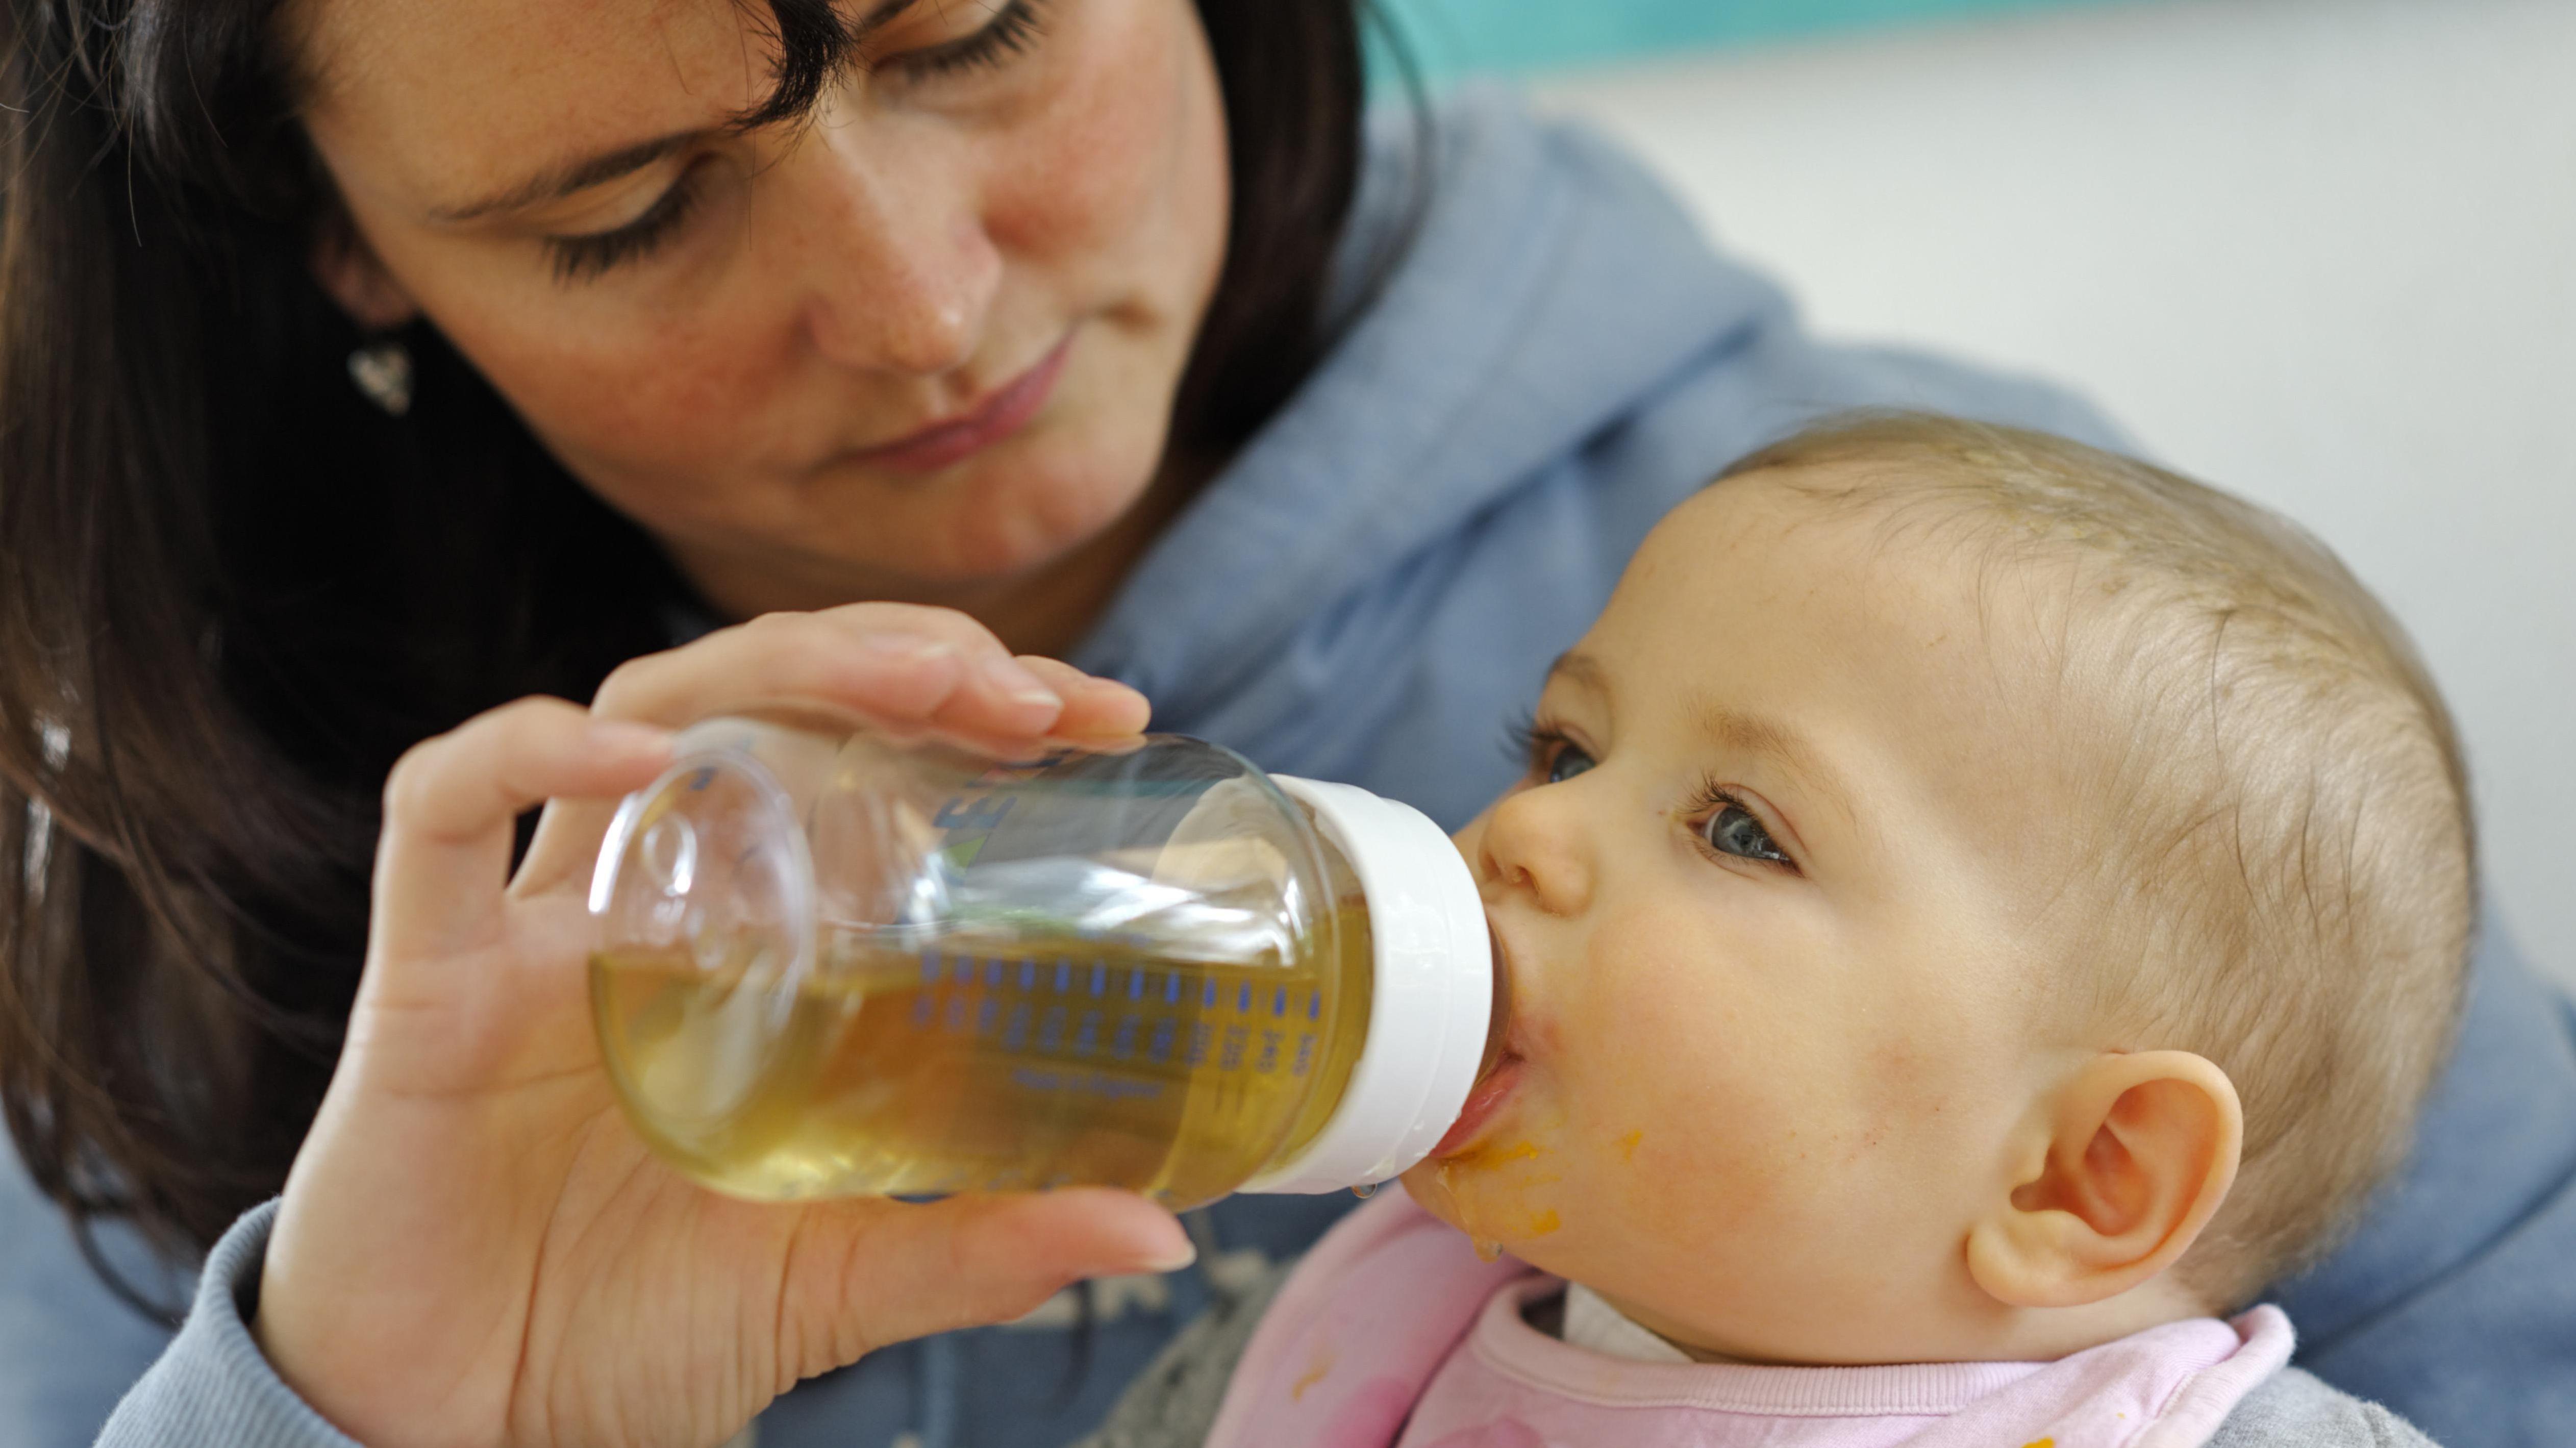 Baby, sechs Monate, trinkt aus Flasche